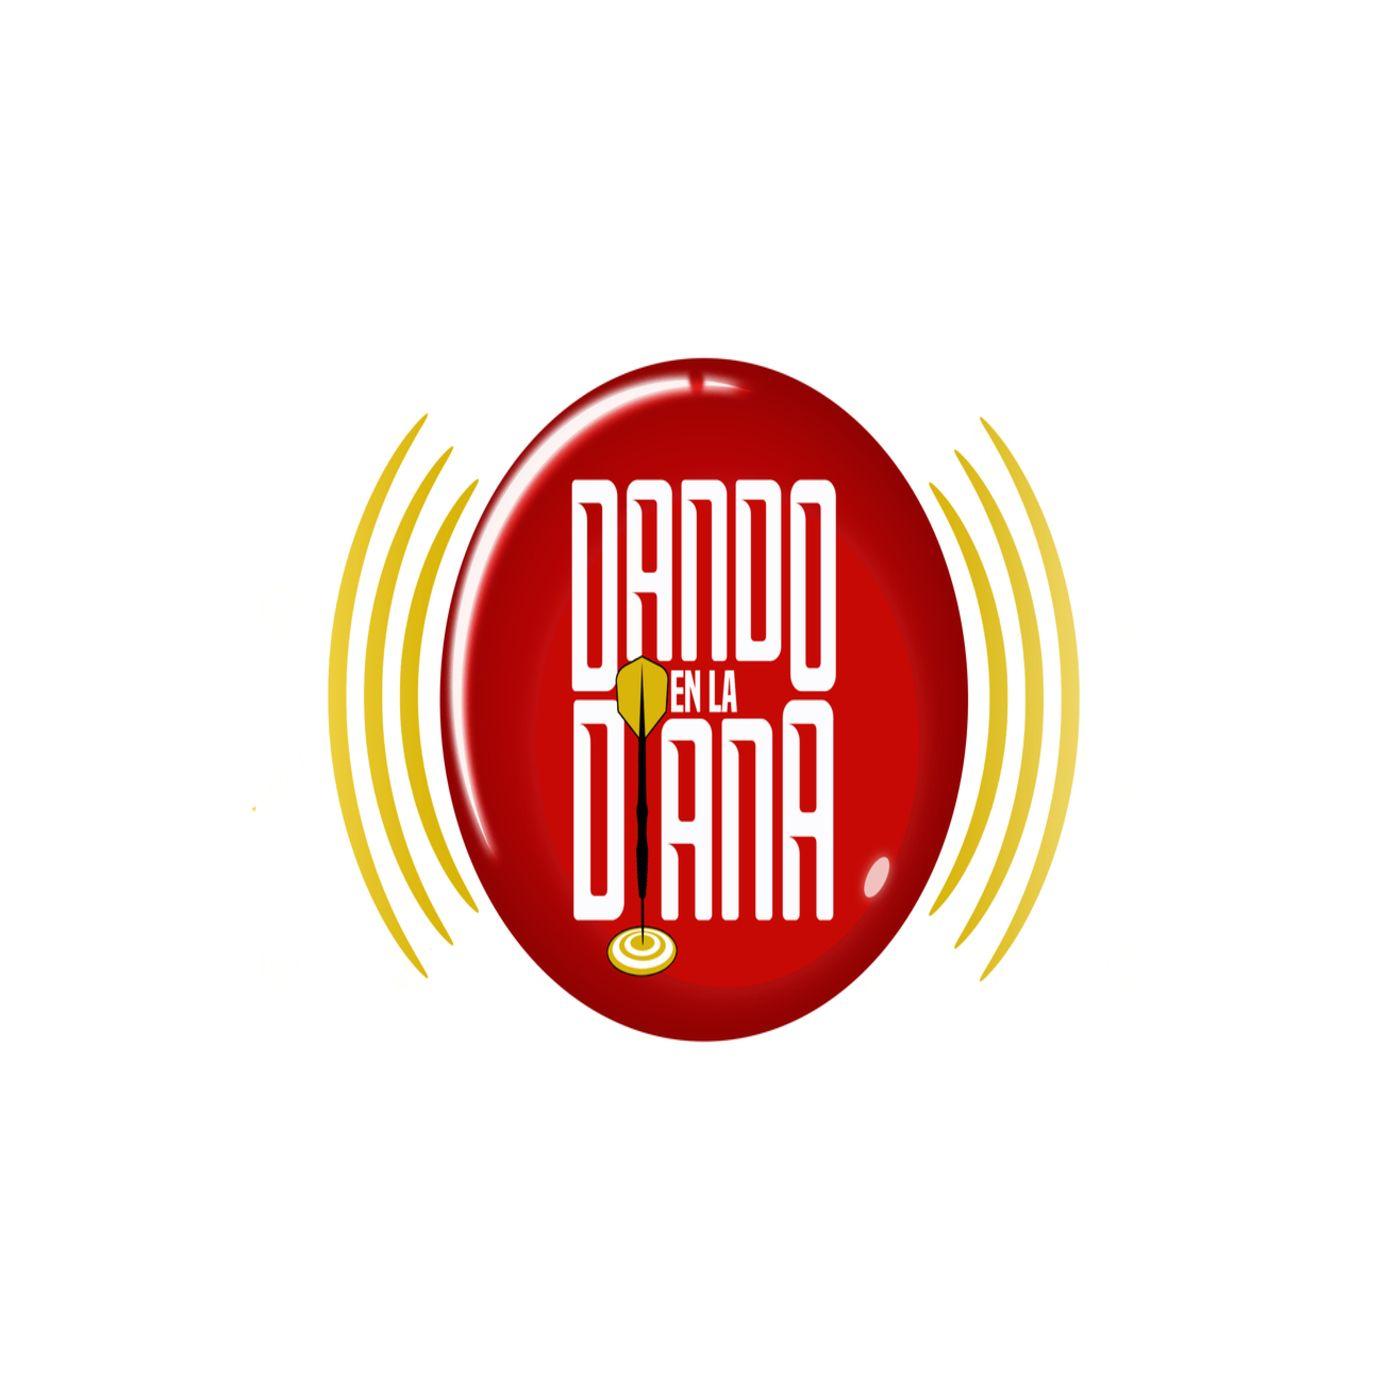 Dando en la Diana - Episodio 85 - 28 Diciembre 2020